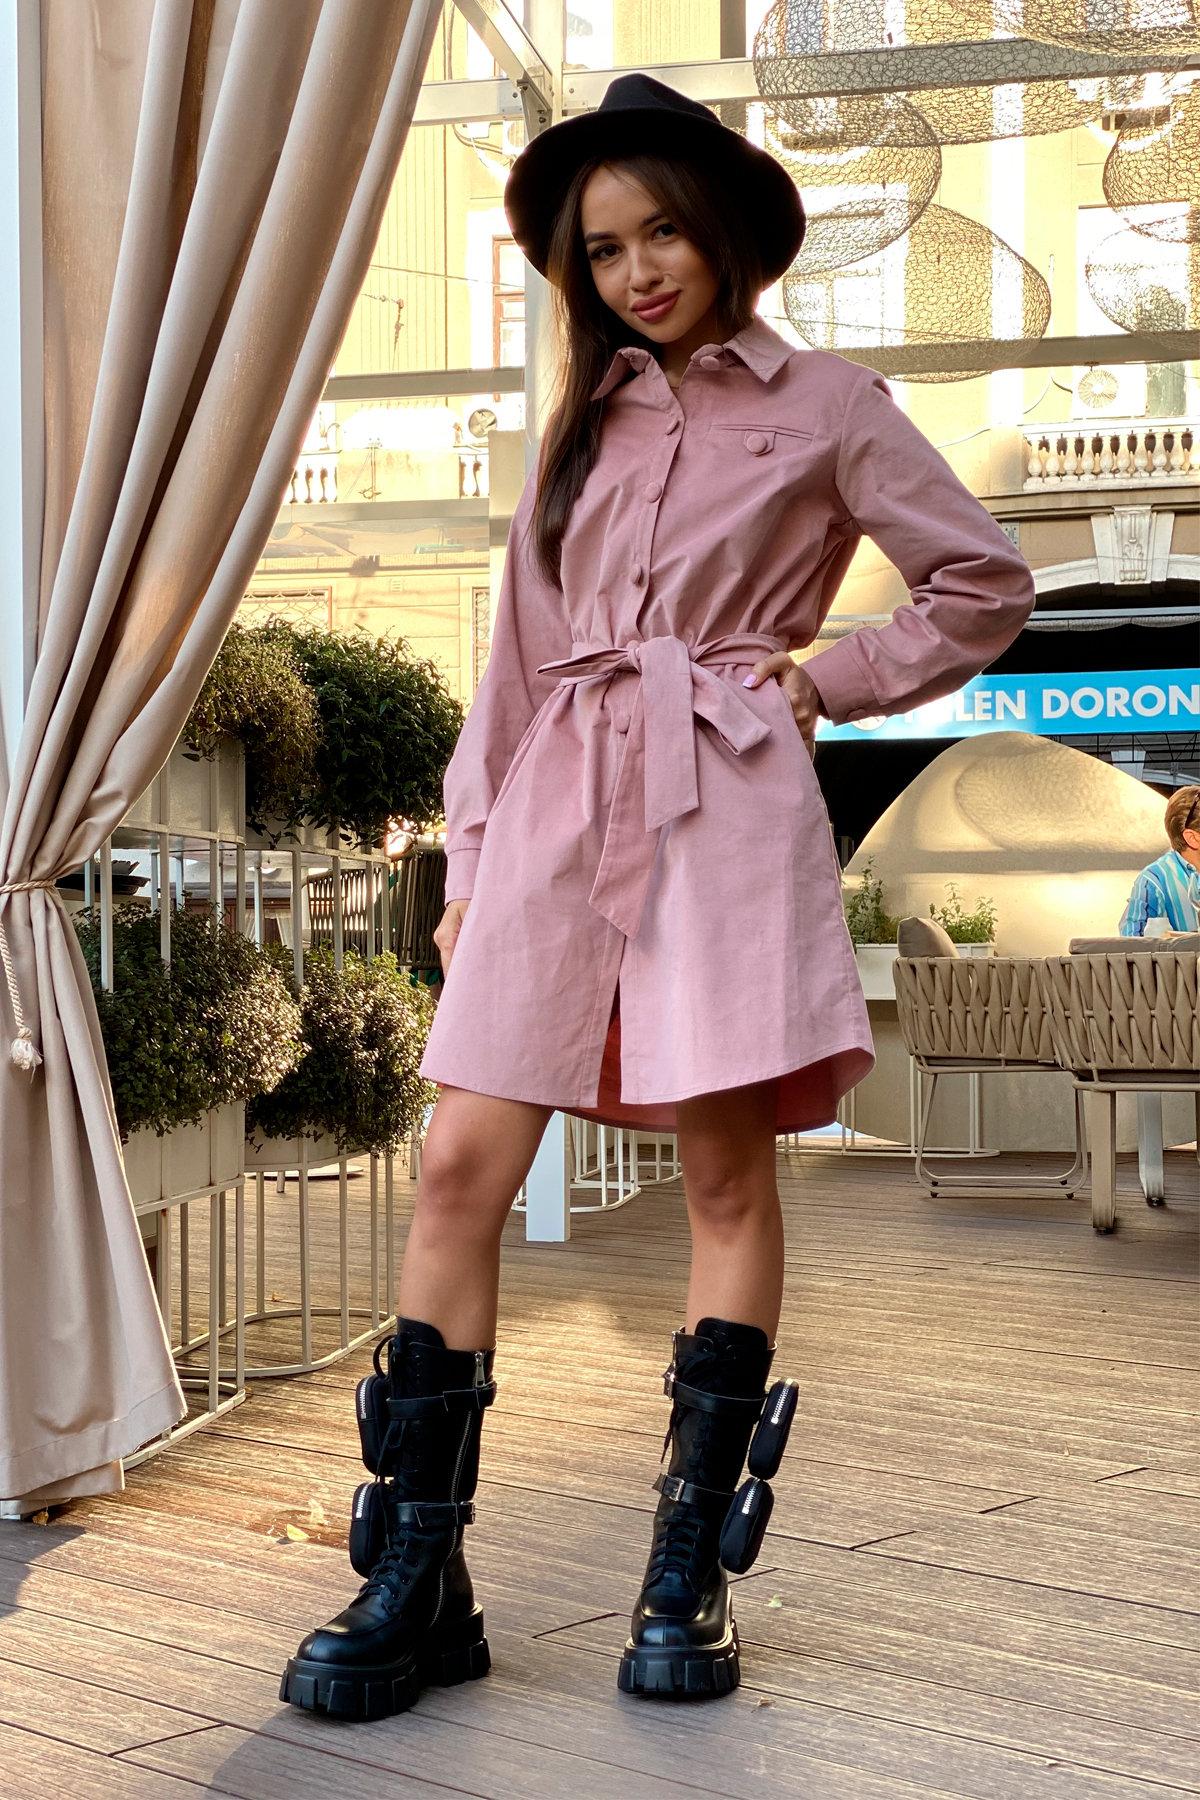 Платье-рубашка Омса 9687 АРТ. 45997 Цвет: Пудра - фото 1, интернет магазин tm-modus.ru